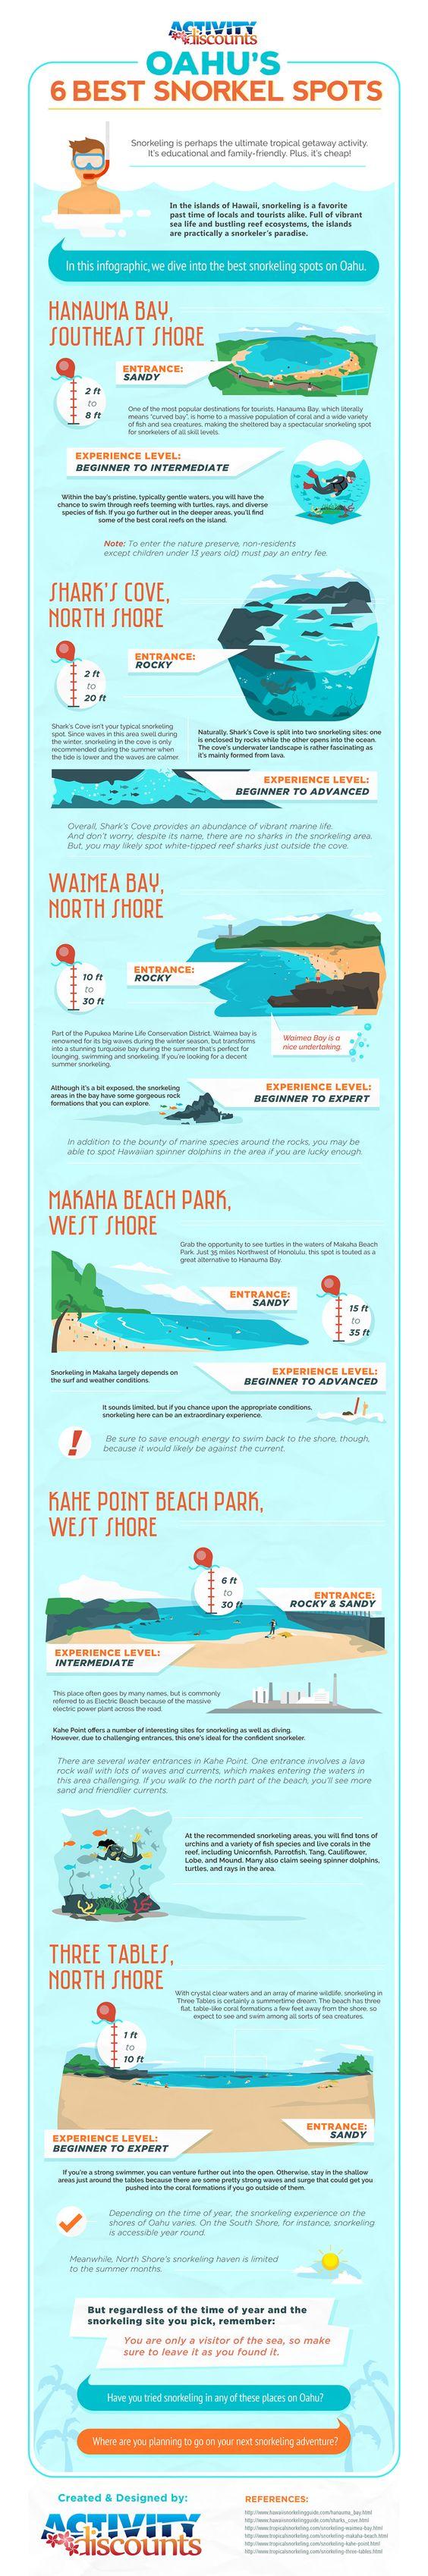 6 Best Snorkel Spots on Oahu (Infographic)